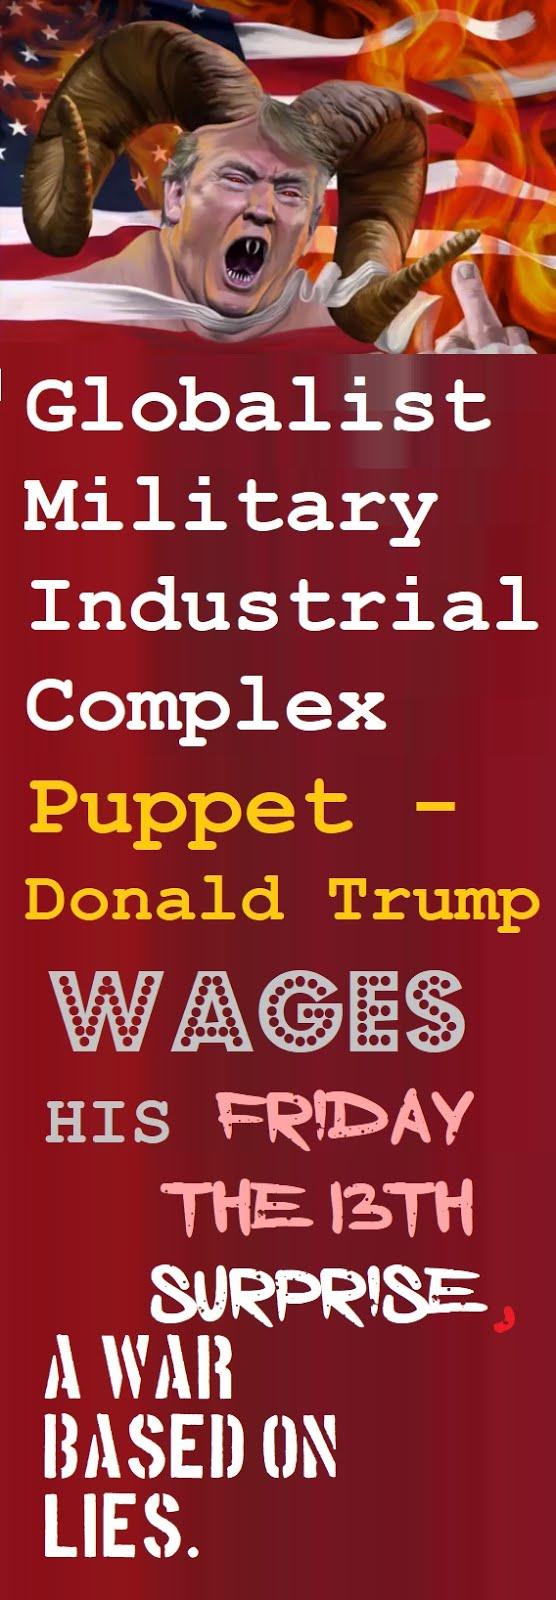 Puppet Trump Wages War